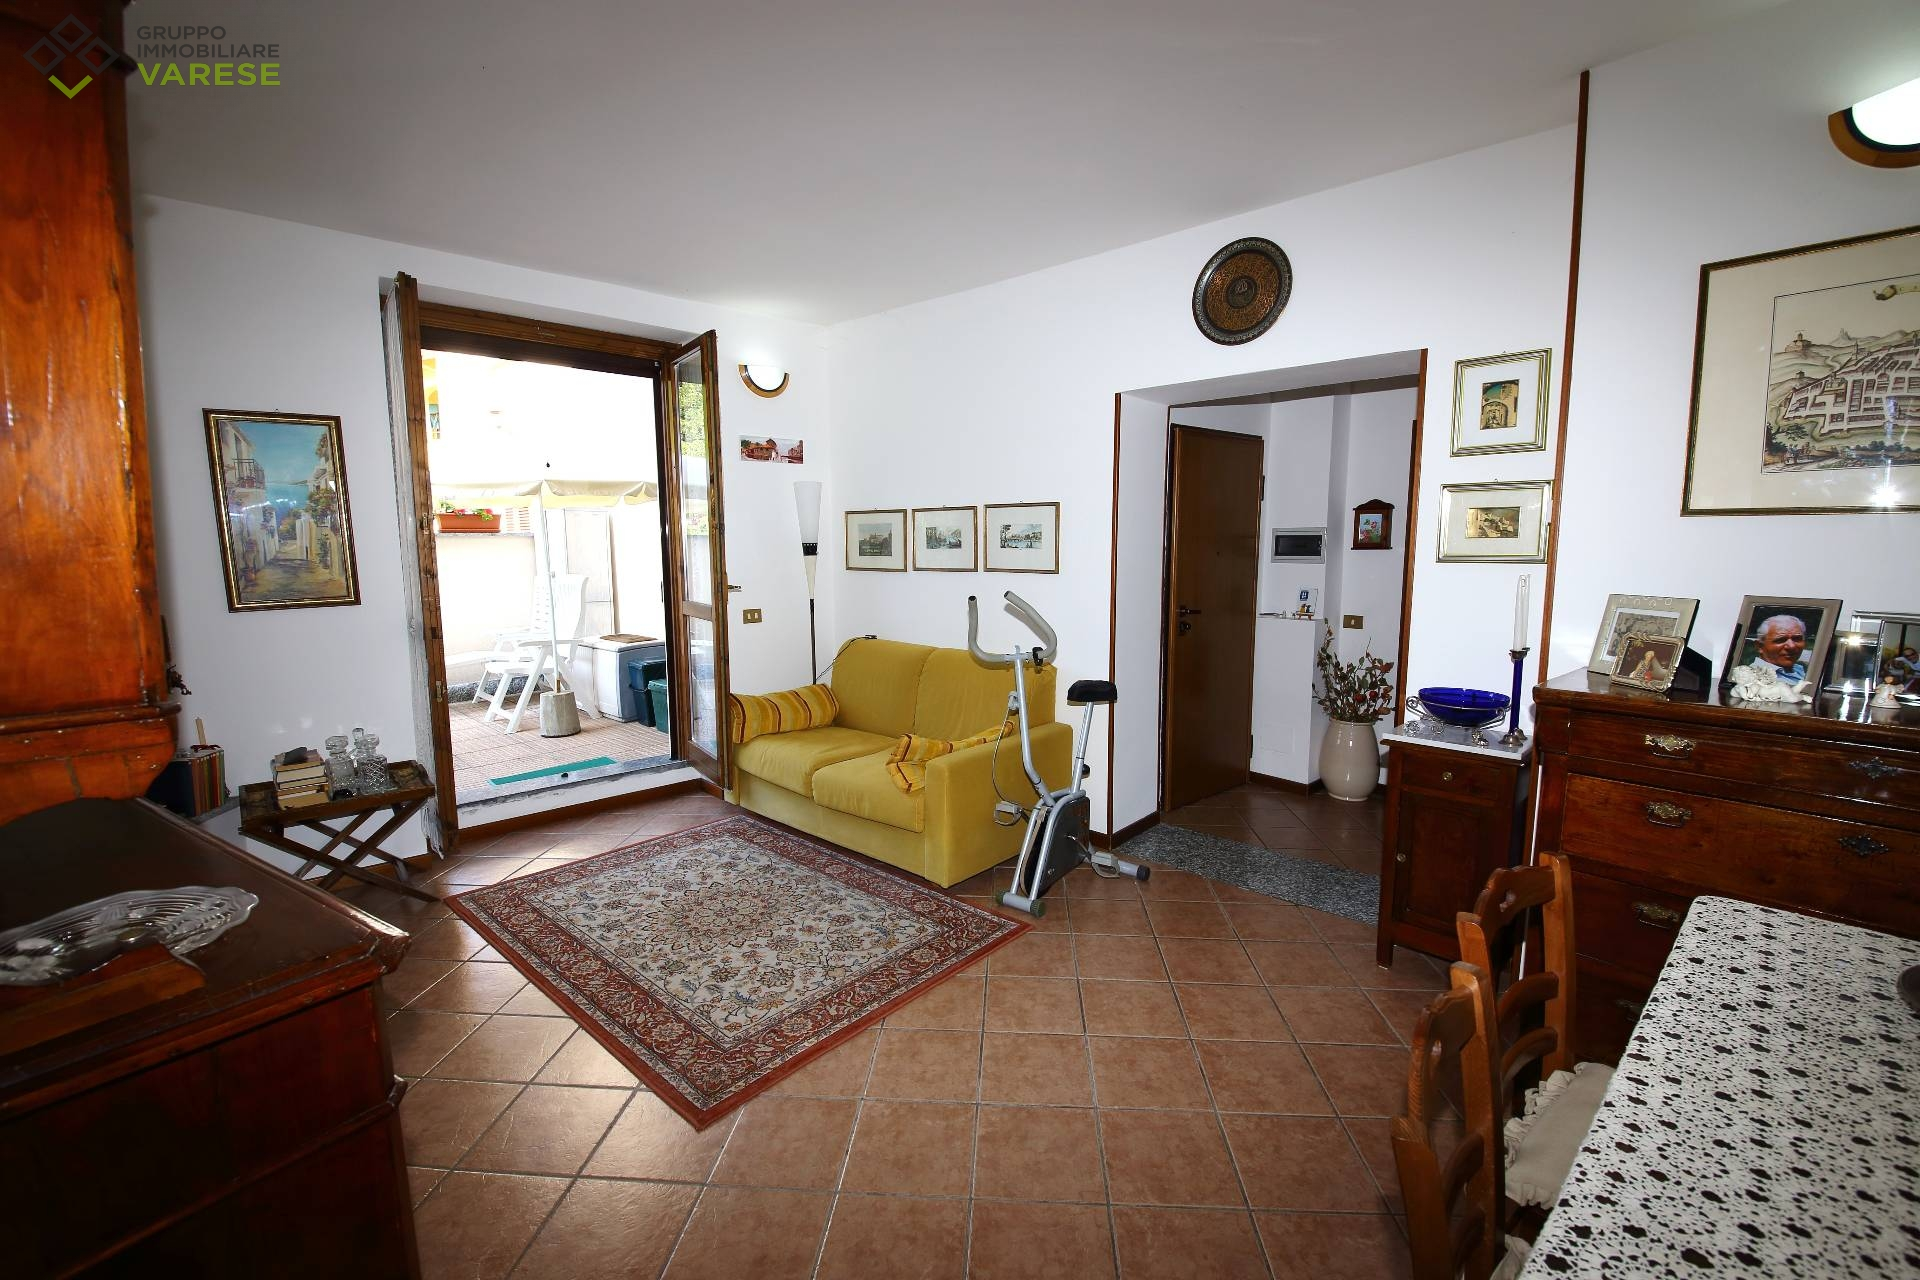 Appartamento in vendita a Castello Cabiaglio, 2 locali, prezzo € 65.000 | CambioCasa.it